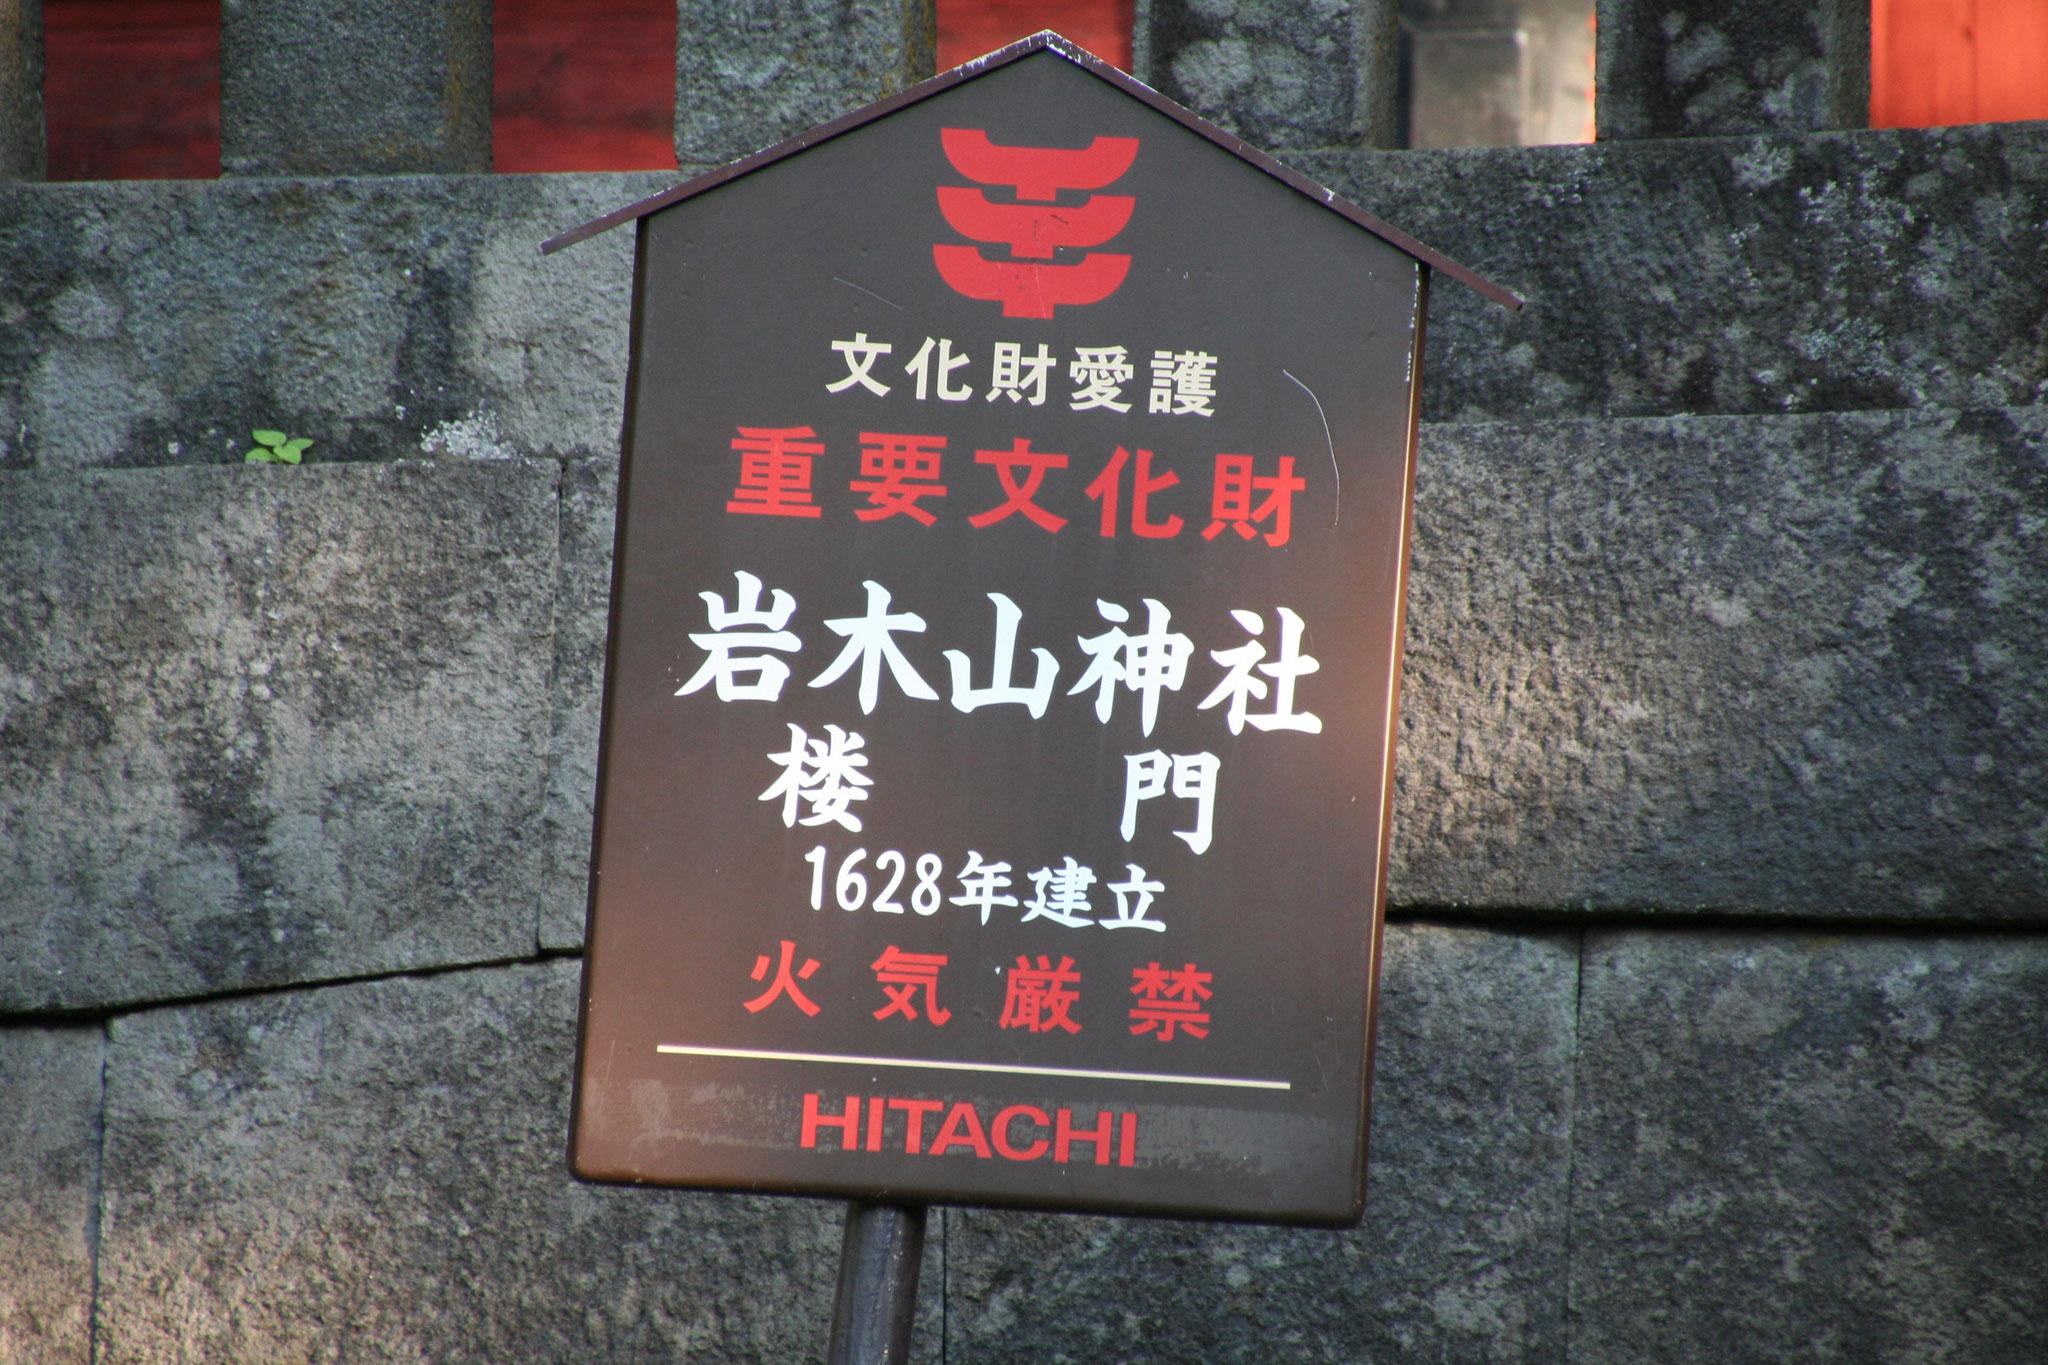 疲れる狛犬 岩木山神社 - 企業存続 リスクマネジメント しん研究所